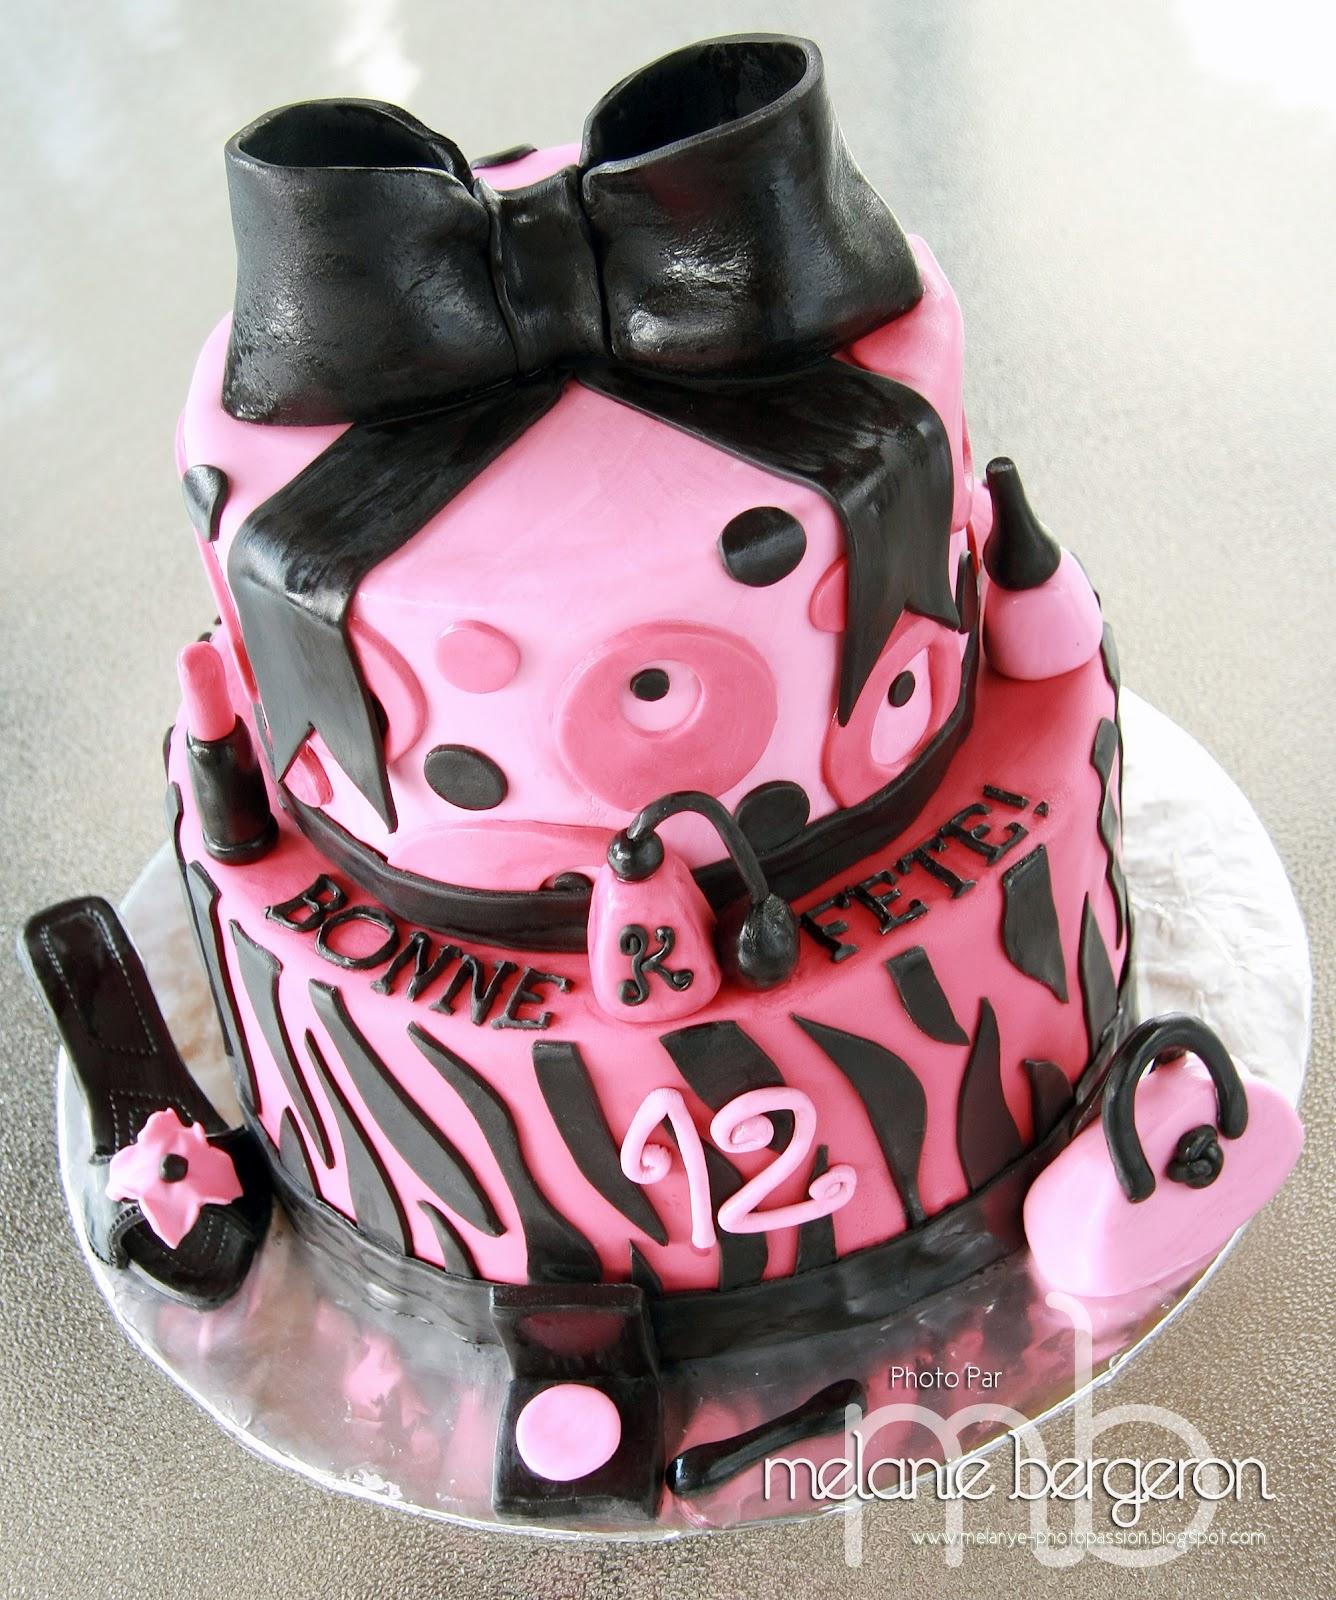 Populaire Rose Sucré: Un Gâteau 100% fille! PK94